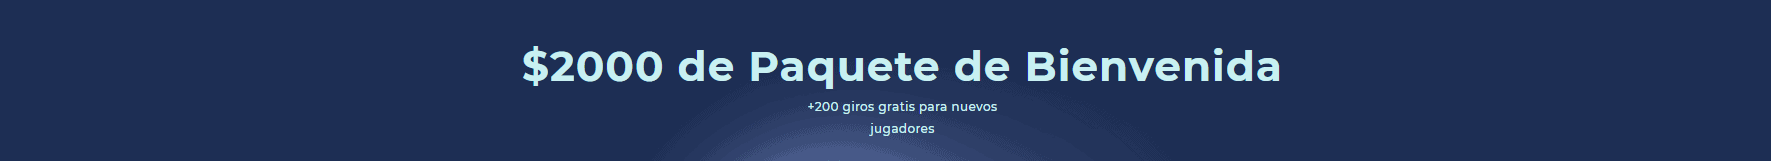 Promociones Casoo Casino